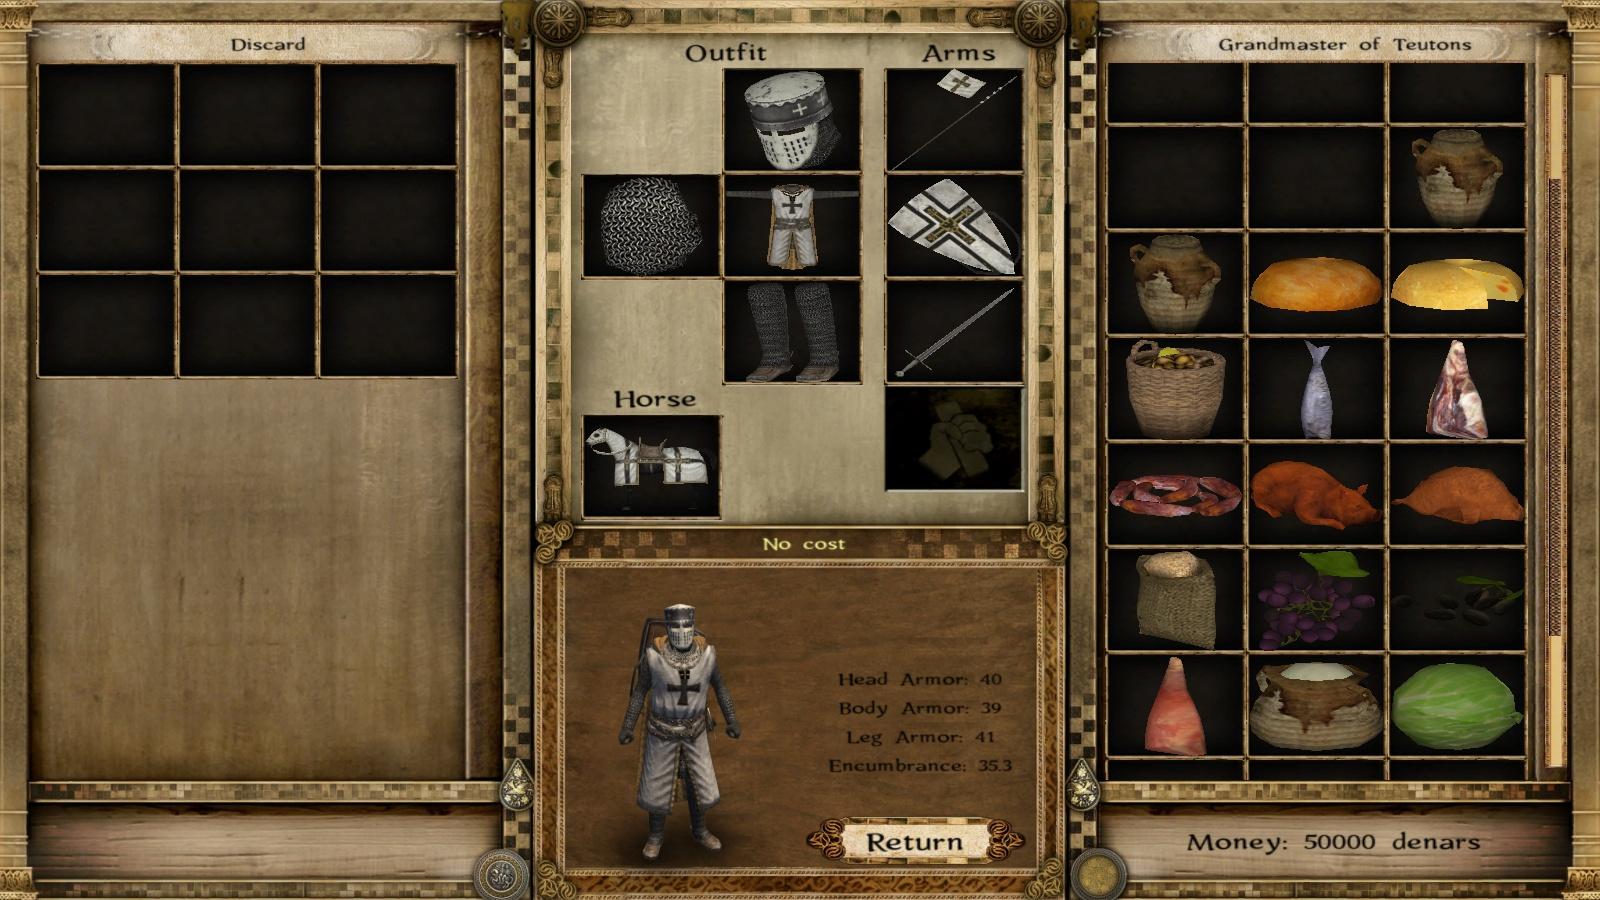 Mount & Blade [Economy 2]